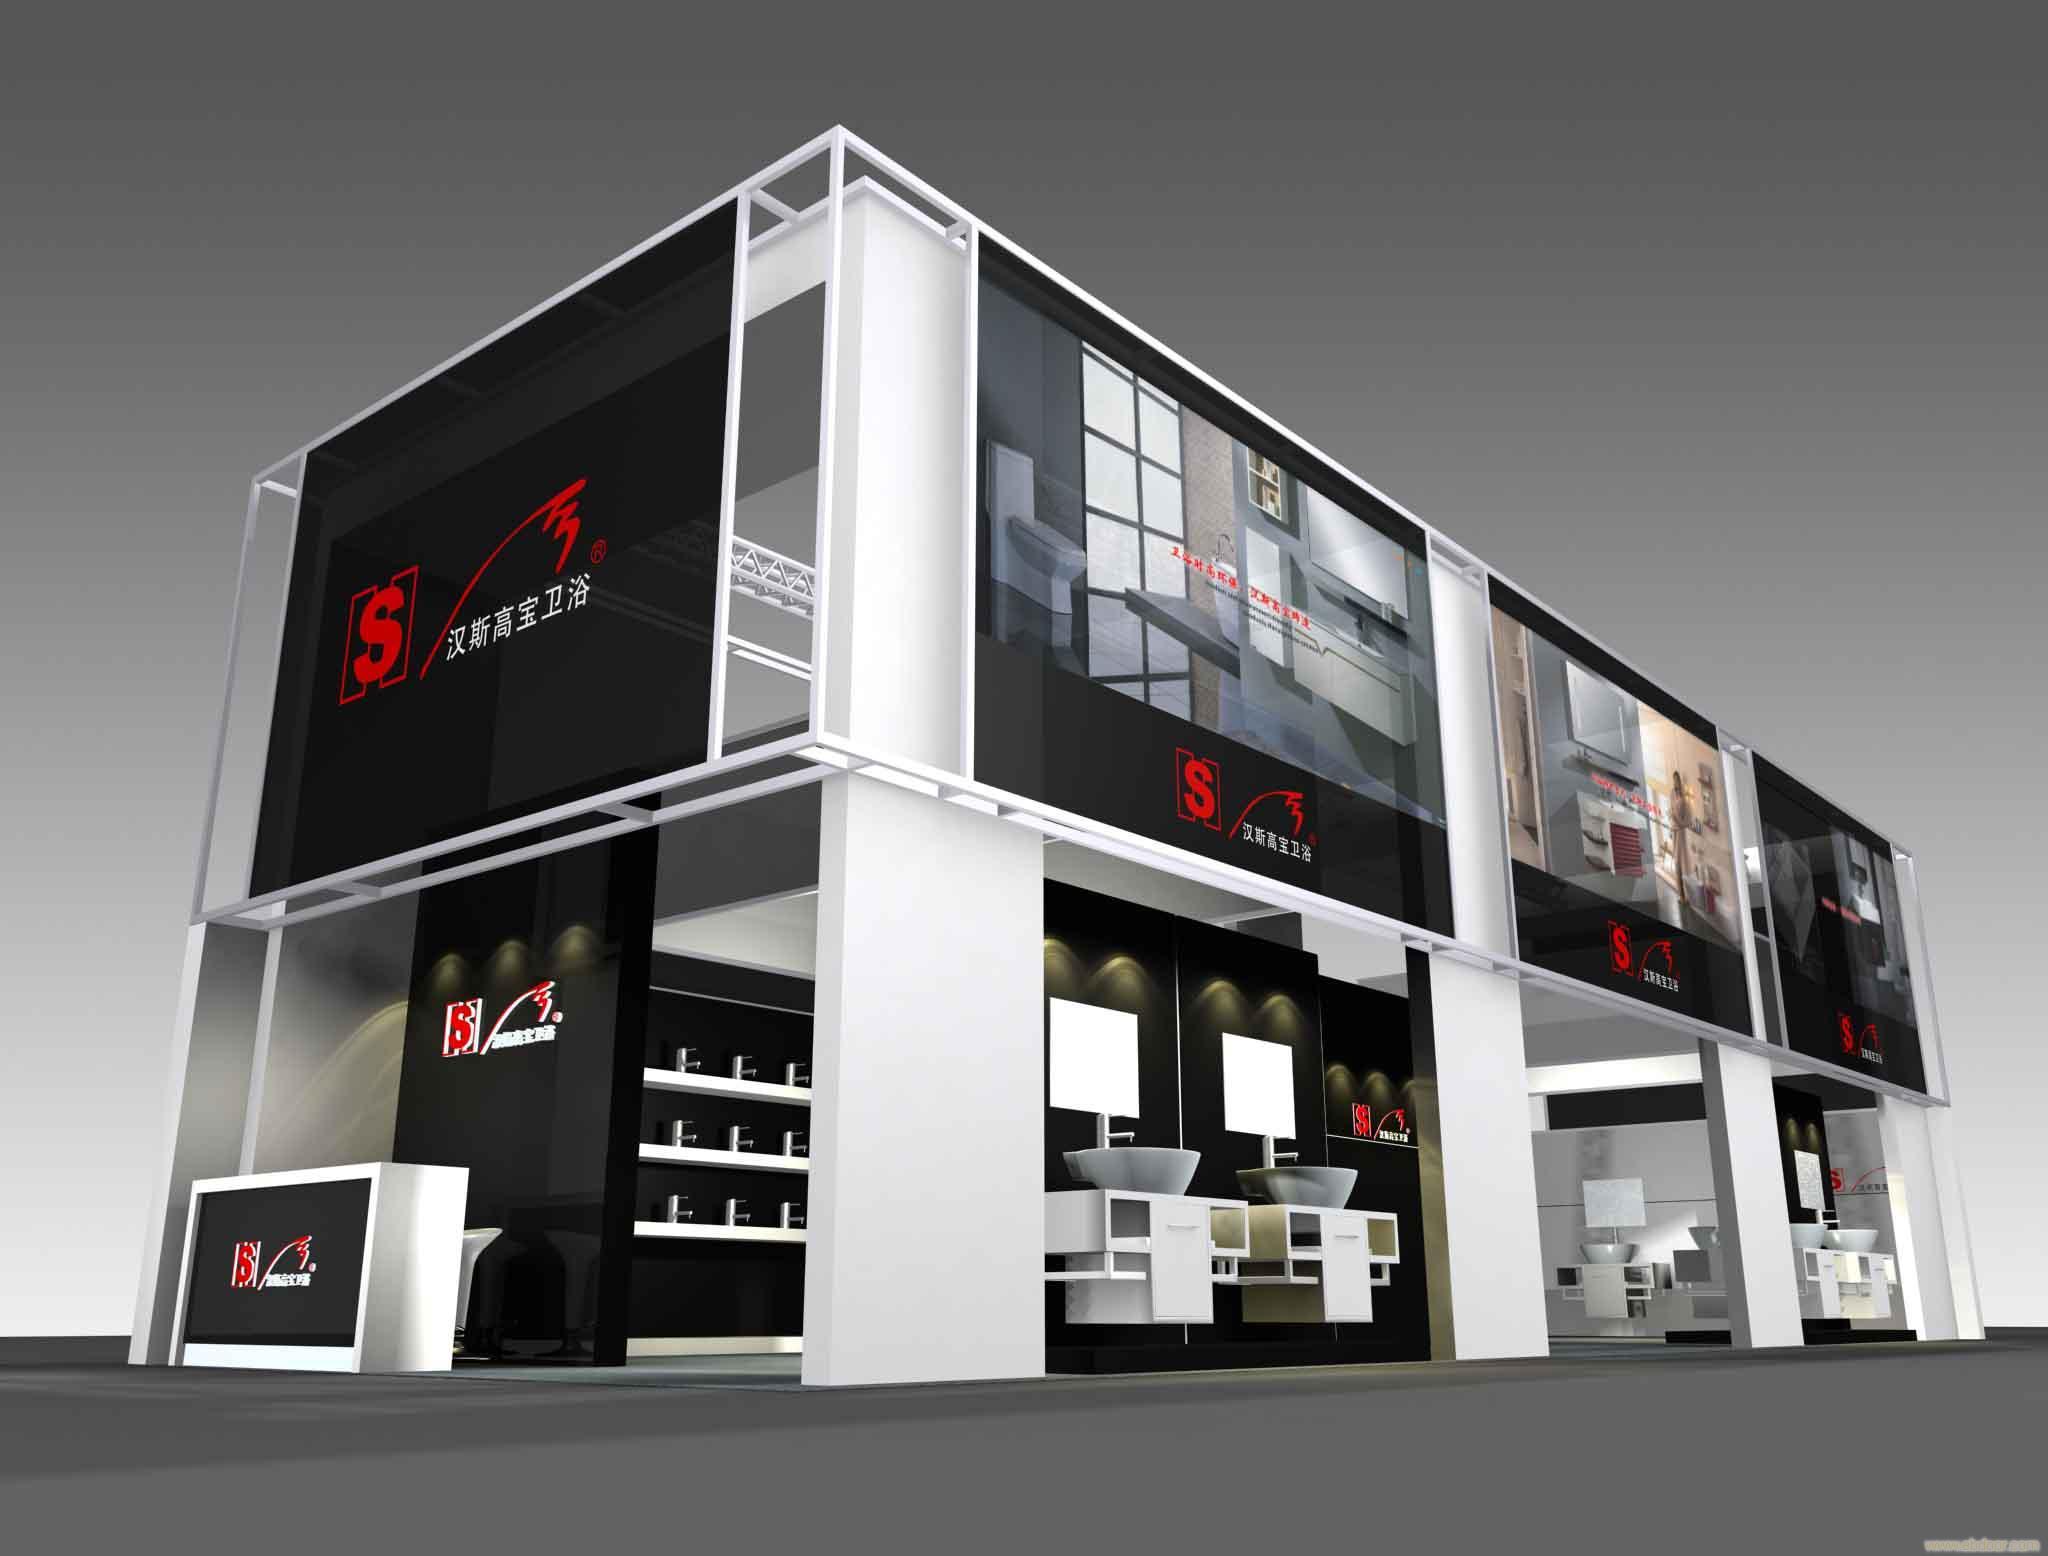 供应上海展台装修展位设计摊位搭建先晟展览公司为您服务请查询